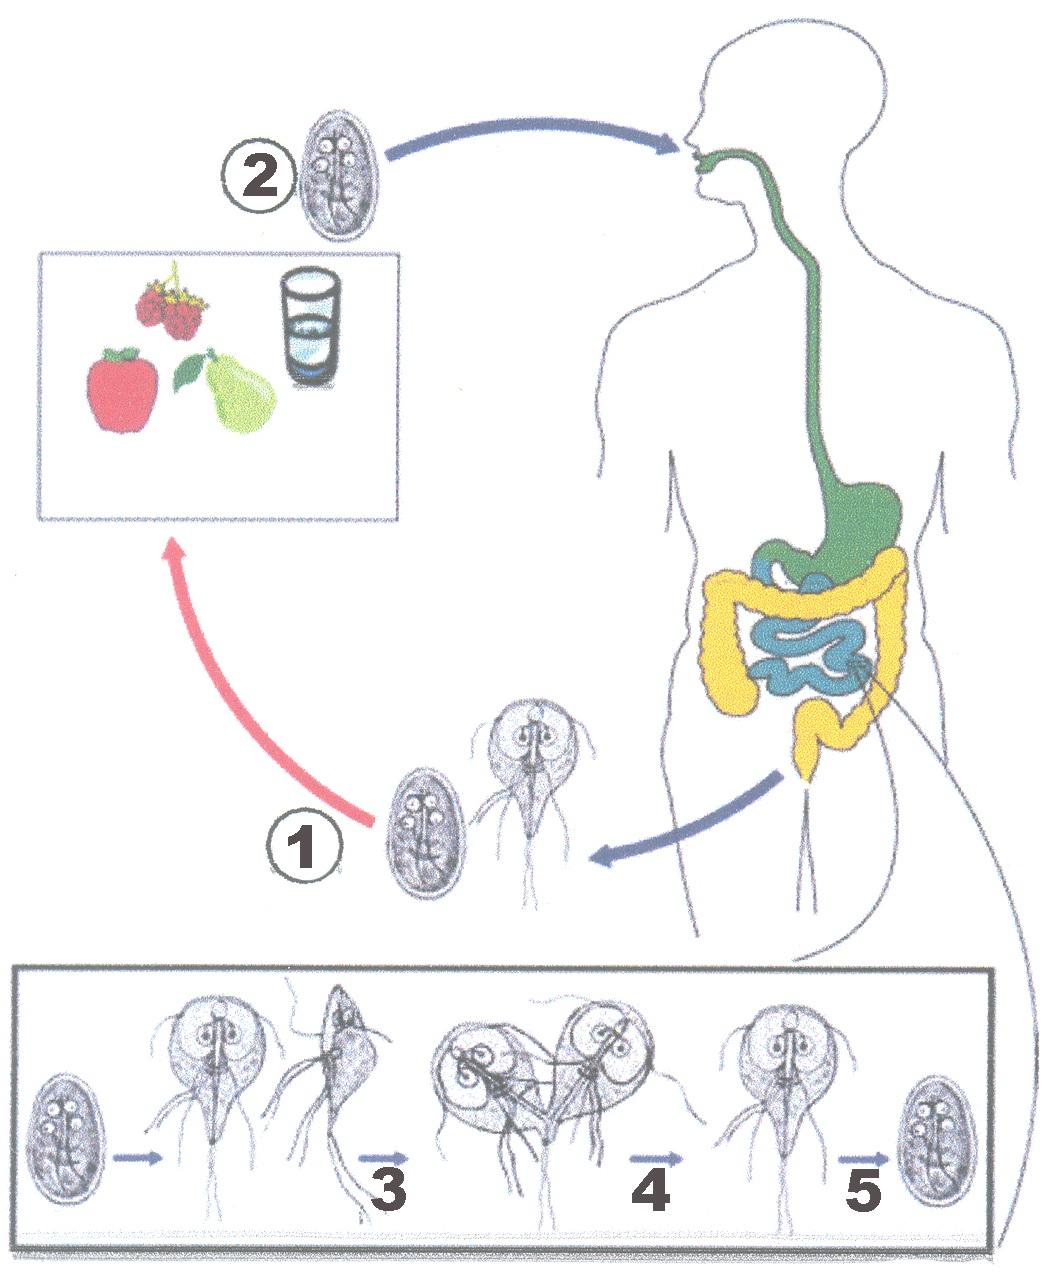 Os vermes em adultos como tratar o remédio de gente